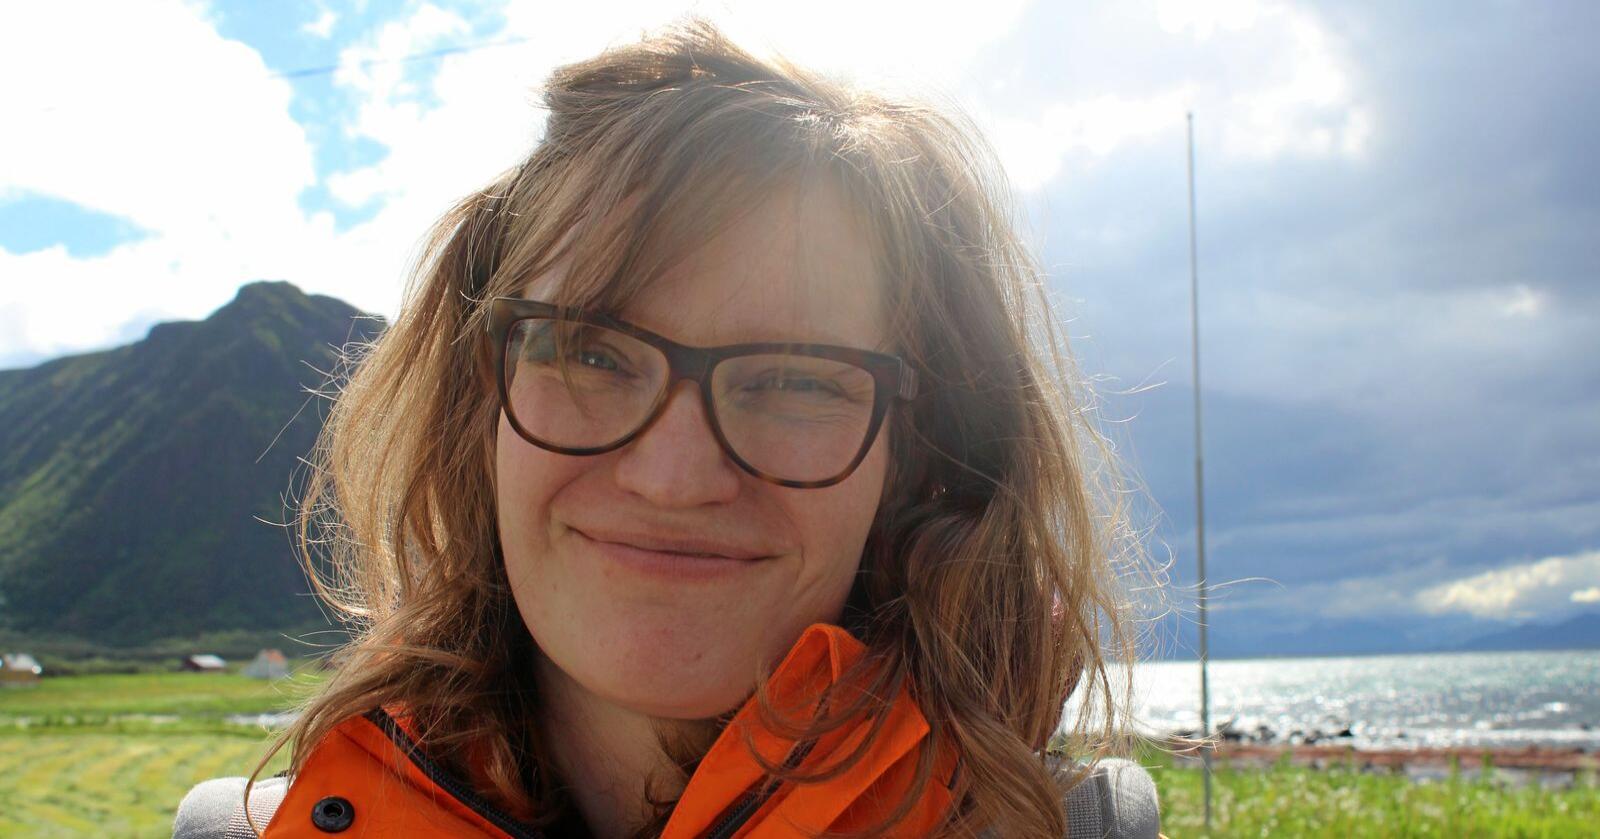 Seniorforskar ved Nordlandsforsking, Aase Kristine Lunde, er prosjektleiar for forskingsprosjektet OutGen. Dei skal sjå på kven det er som brukar utmarka og kven som sit i styre og stell. Foto: Cathrine Bjerknes